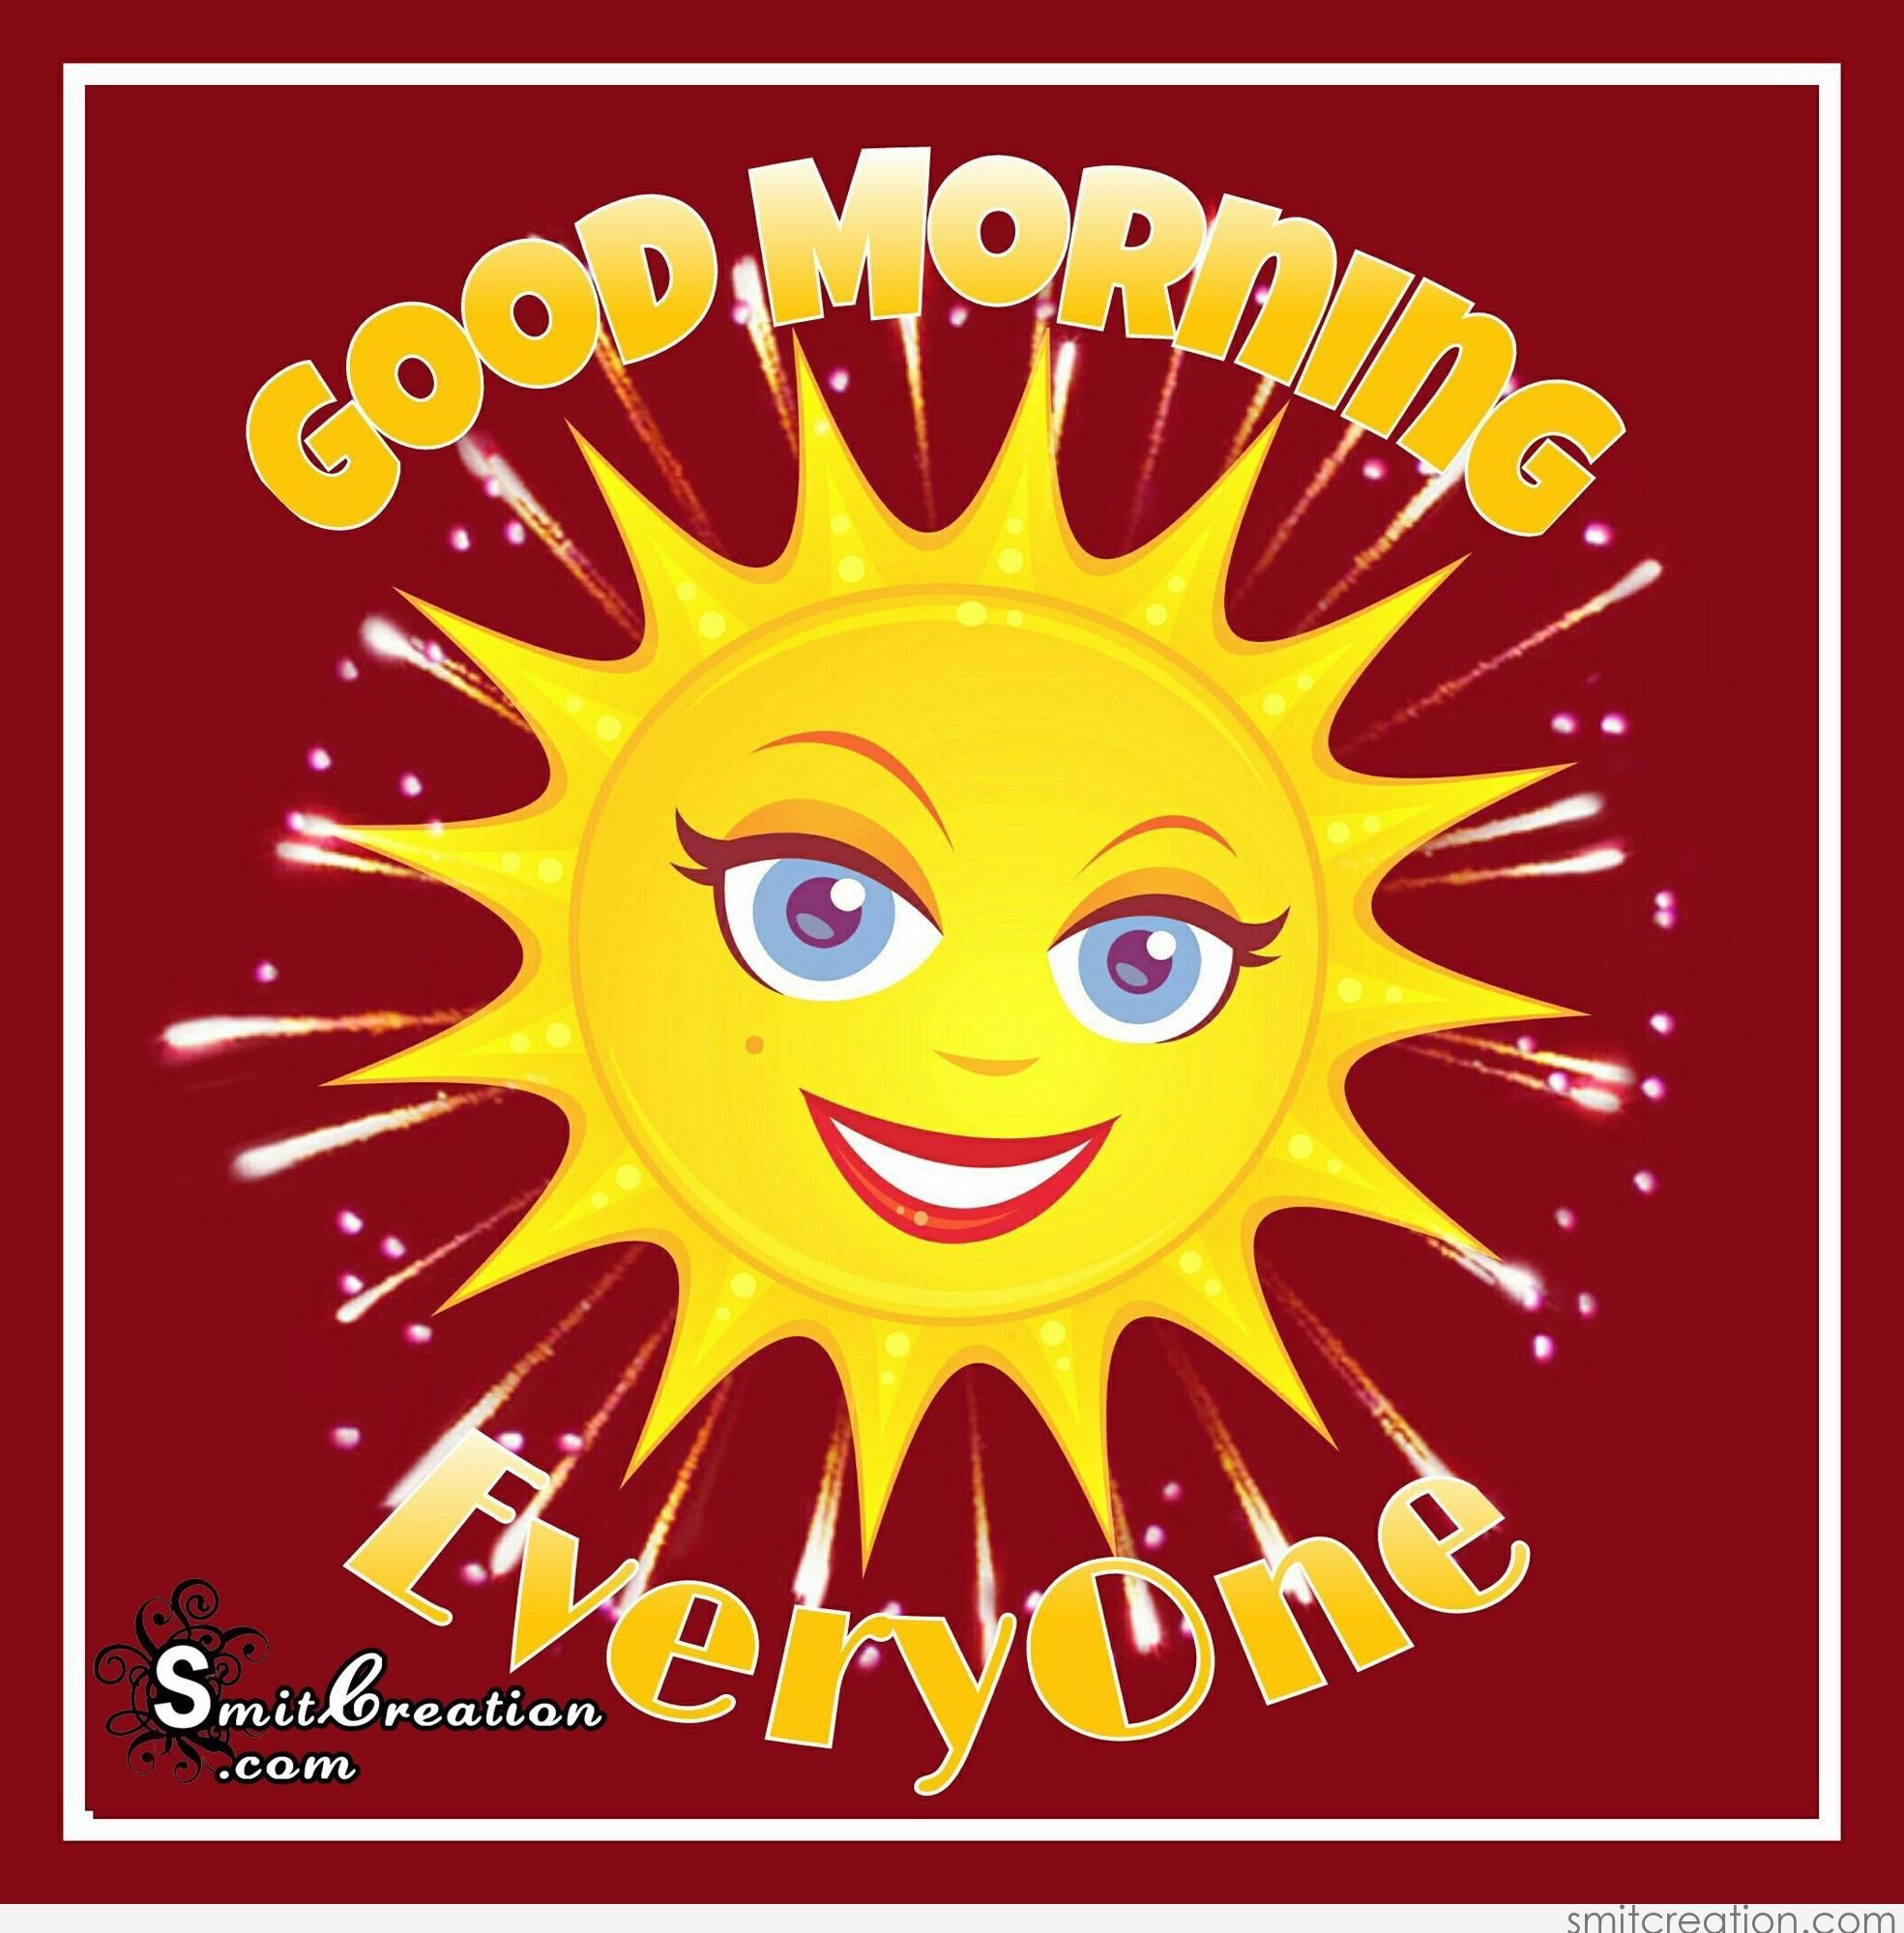 Good Morning Everyone Band : Good morning everyone smitcreation